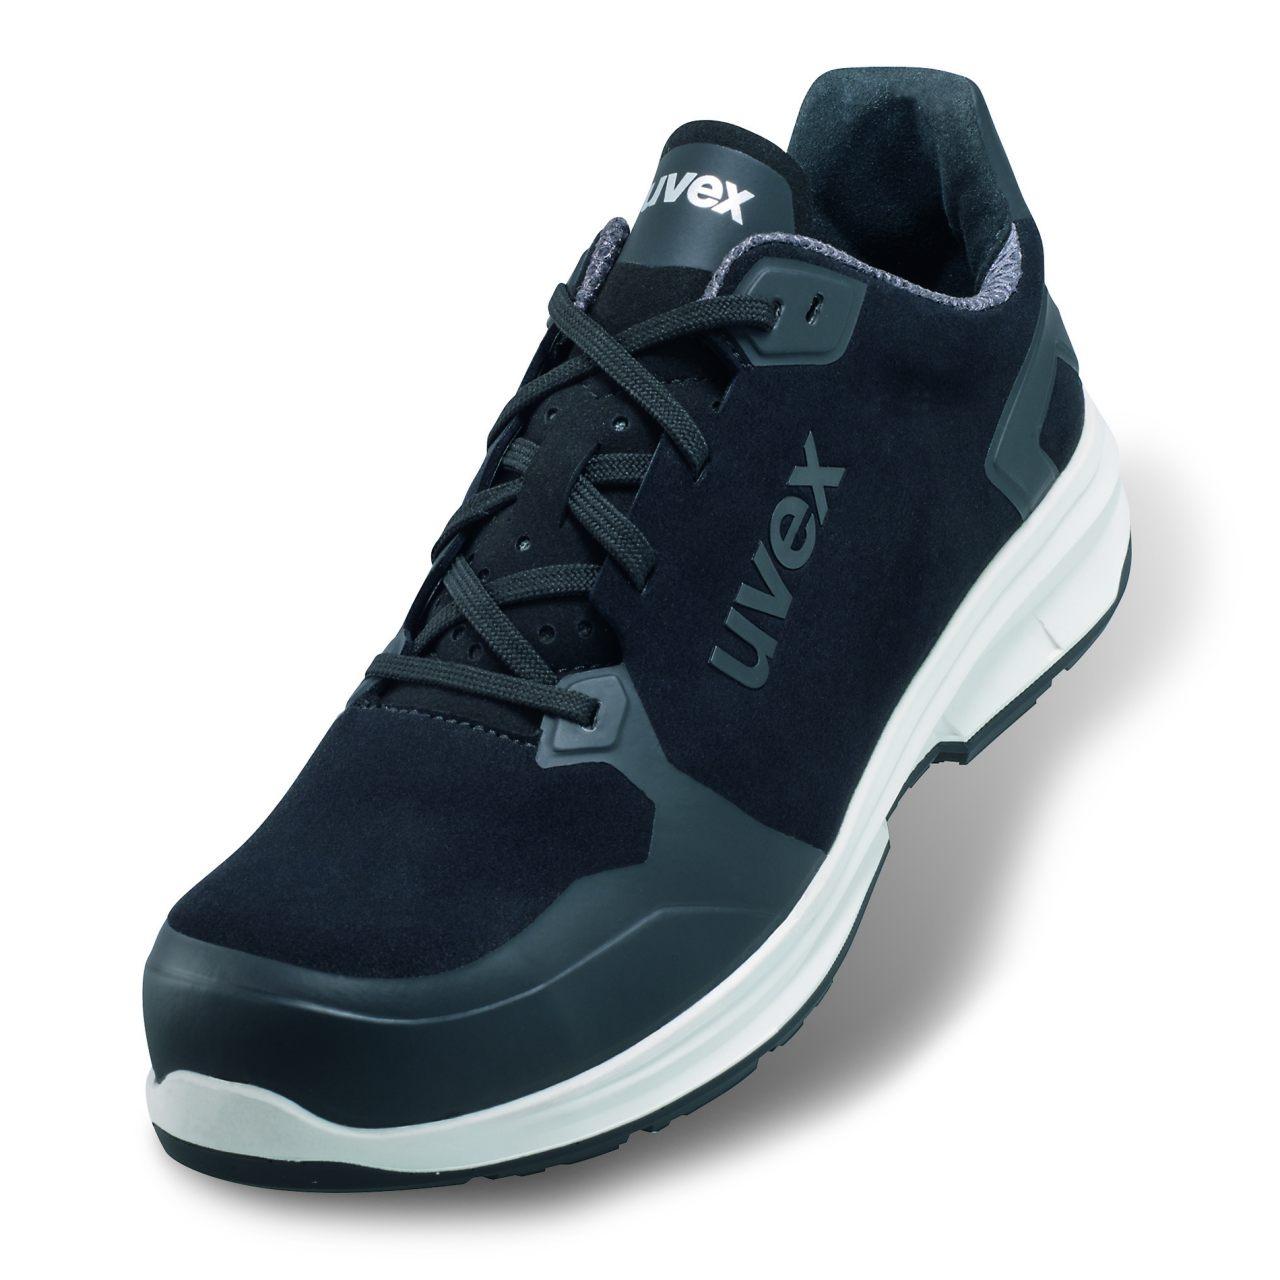 uvex 1 sport s3 src safety shoe safety shoes uvex safety. Black Bedroom Furniture Sets. Home Design Ideas